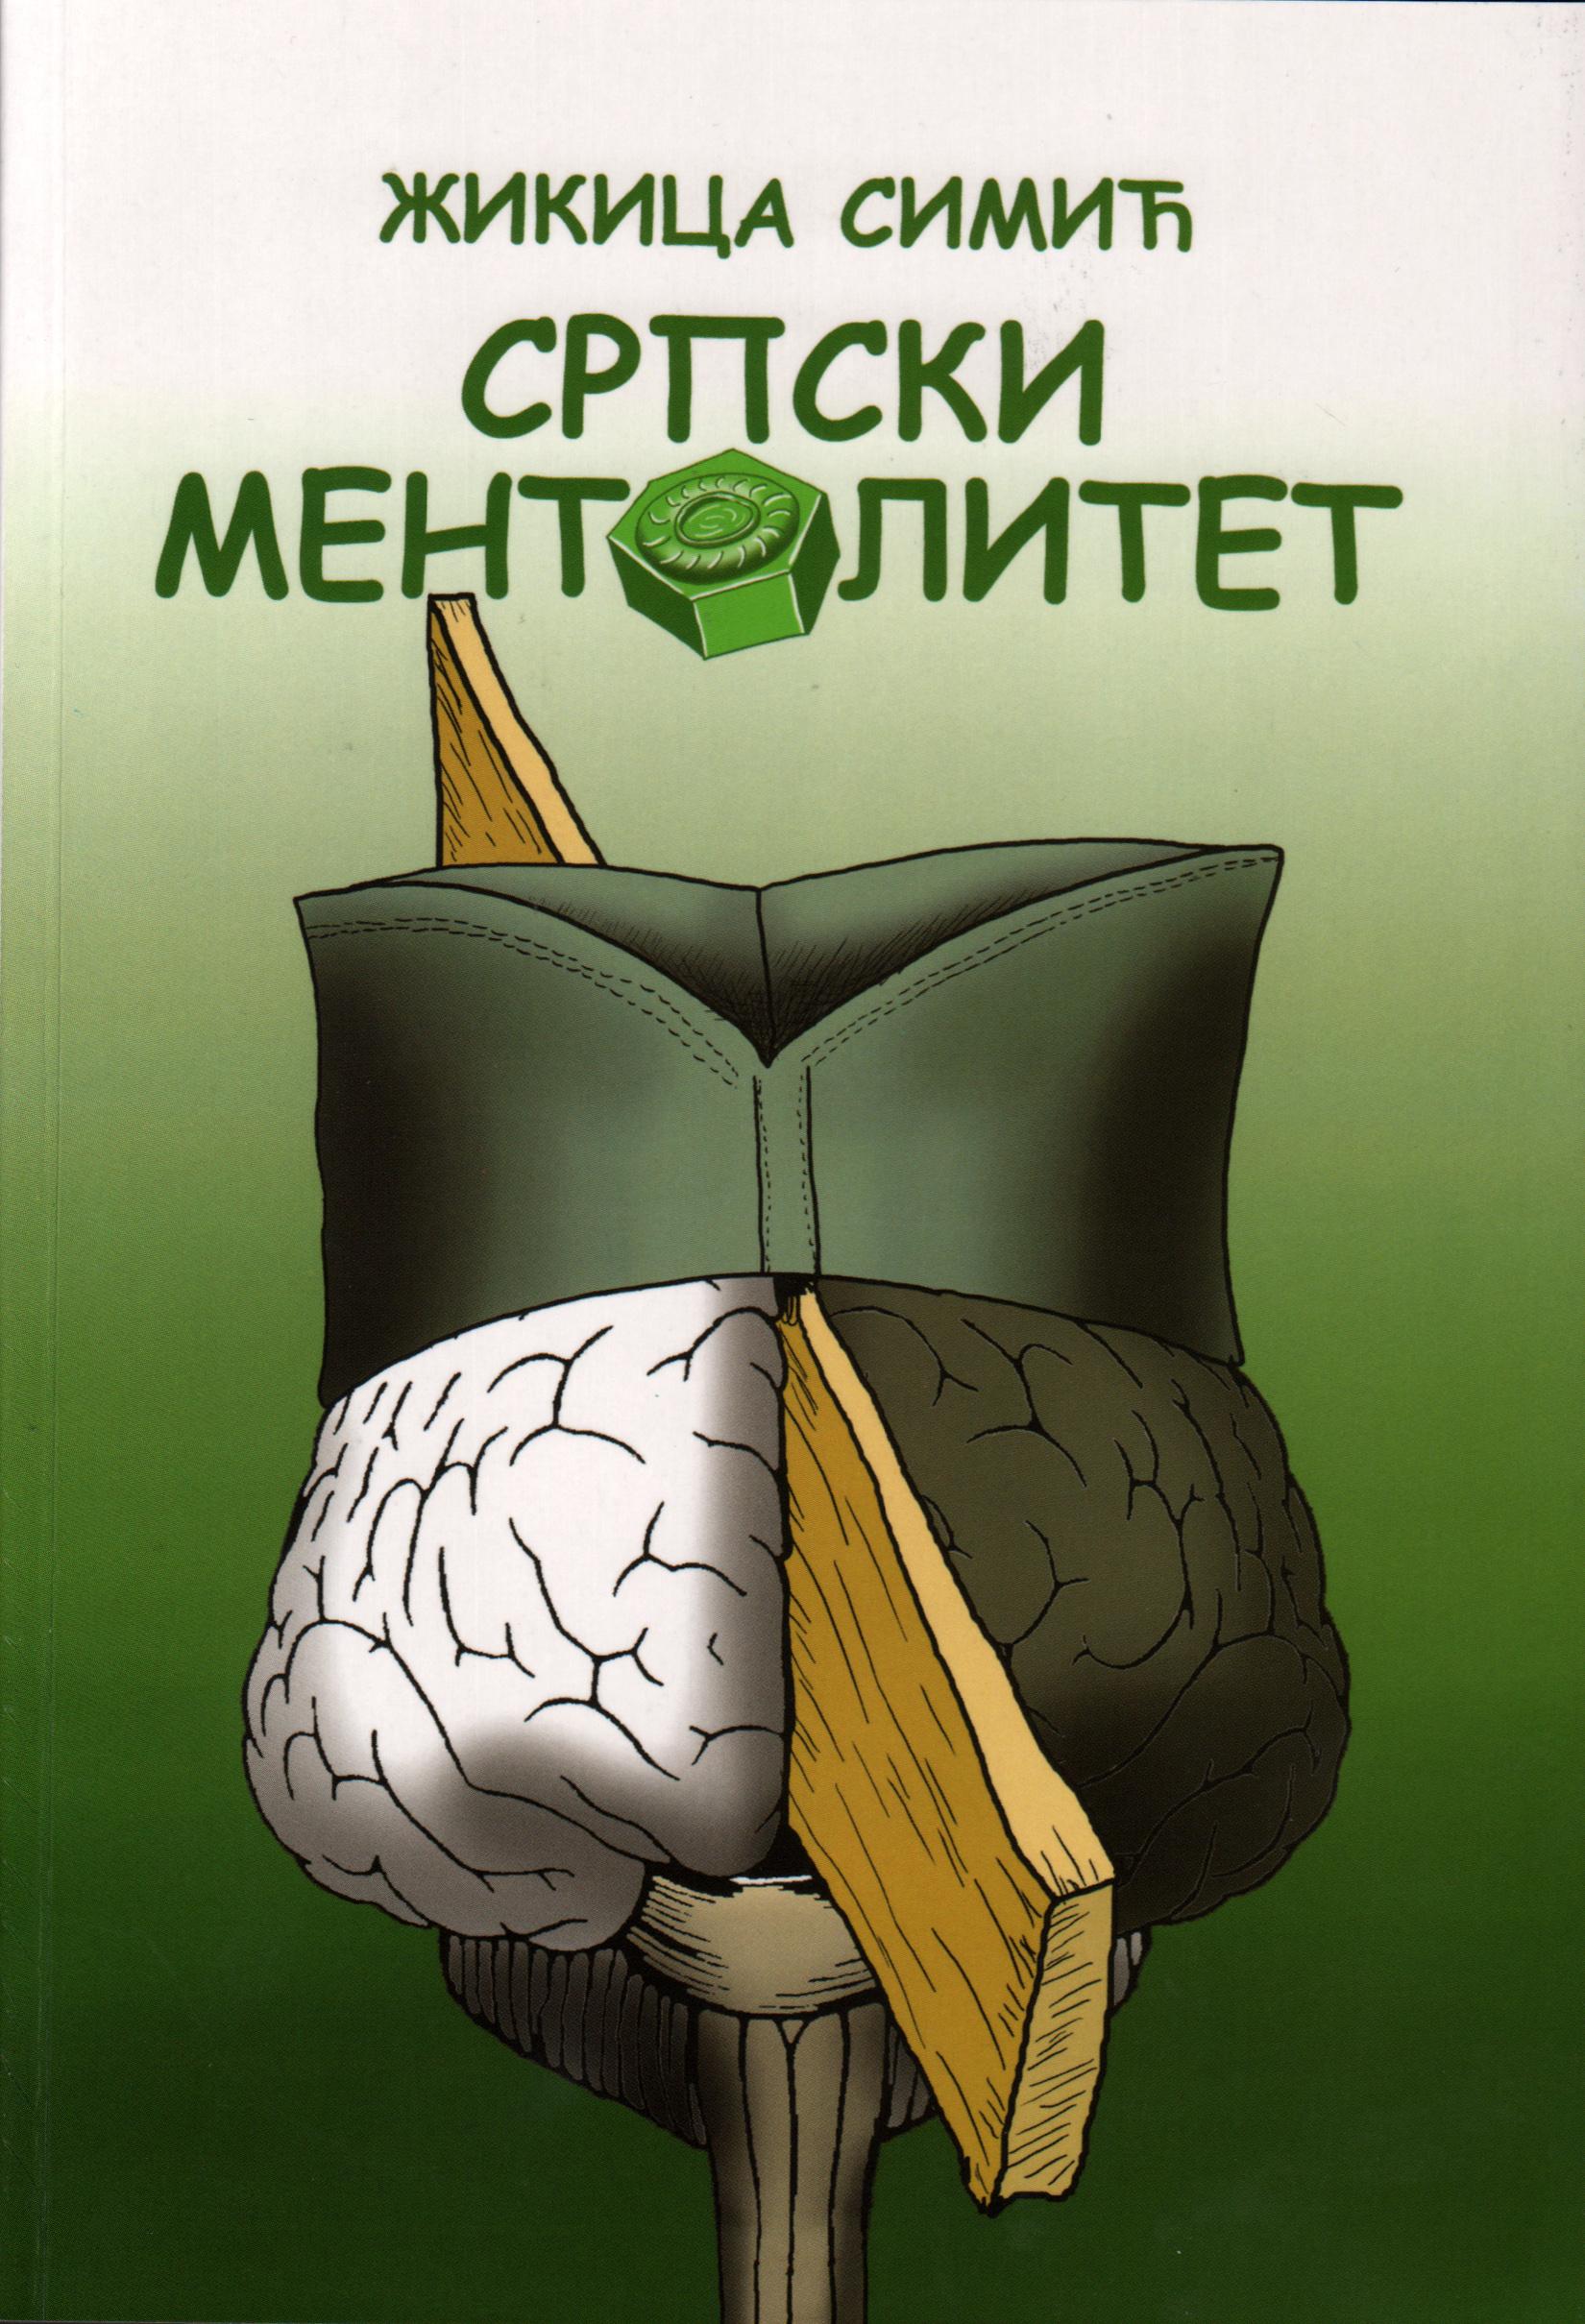 Српски ментолитет